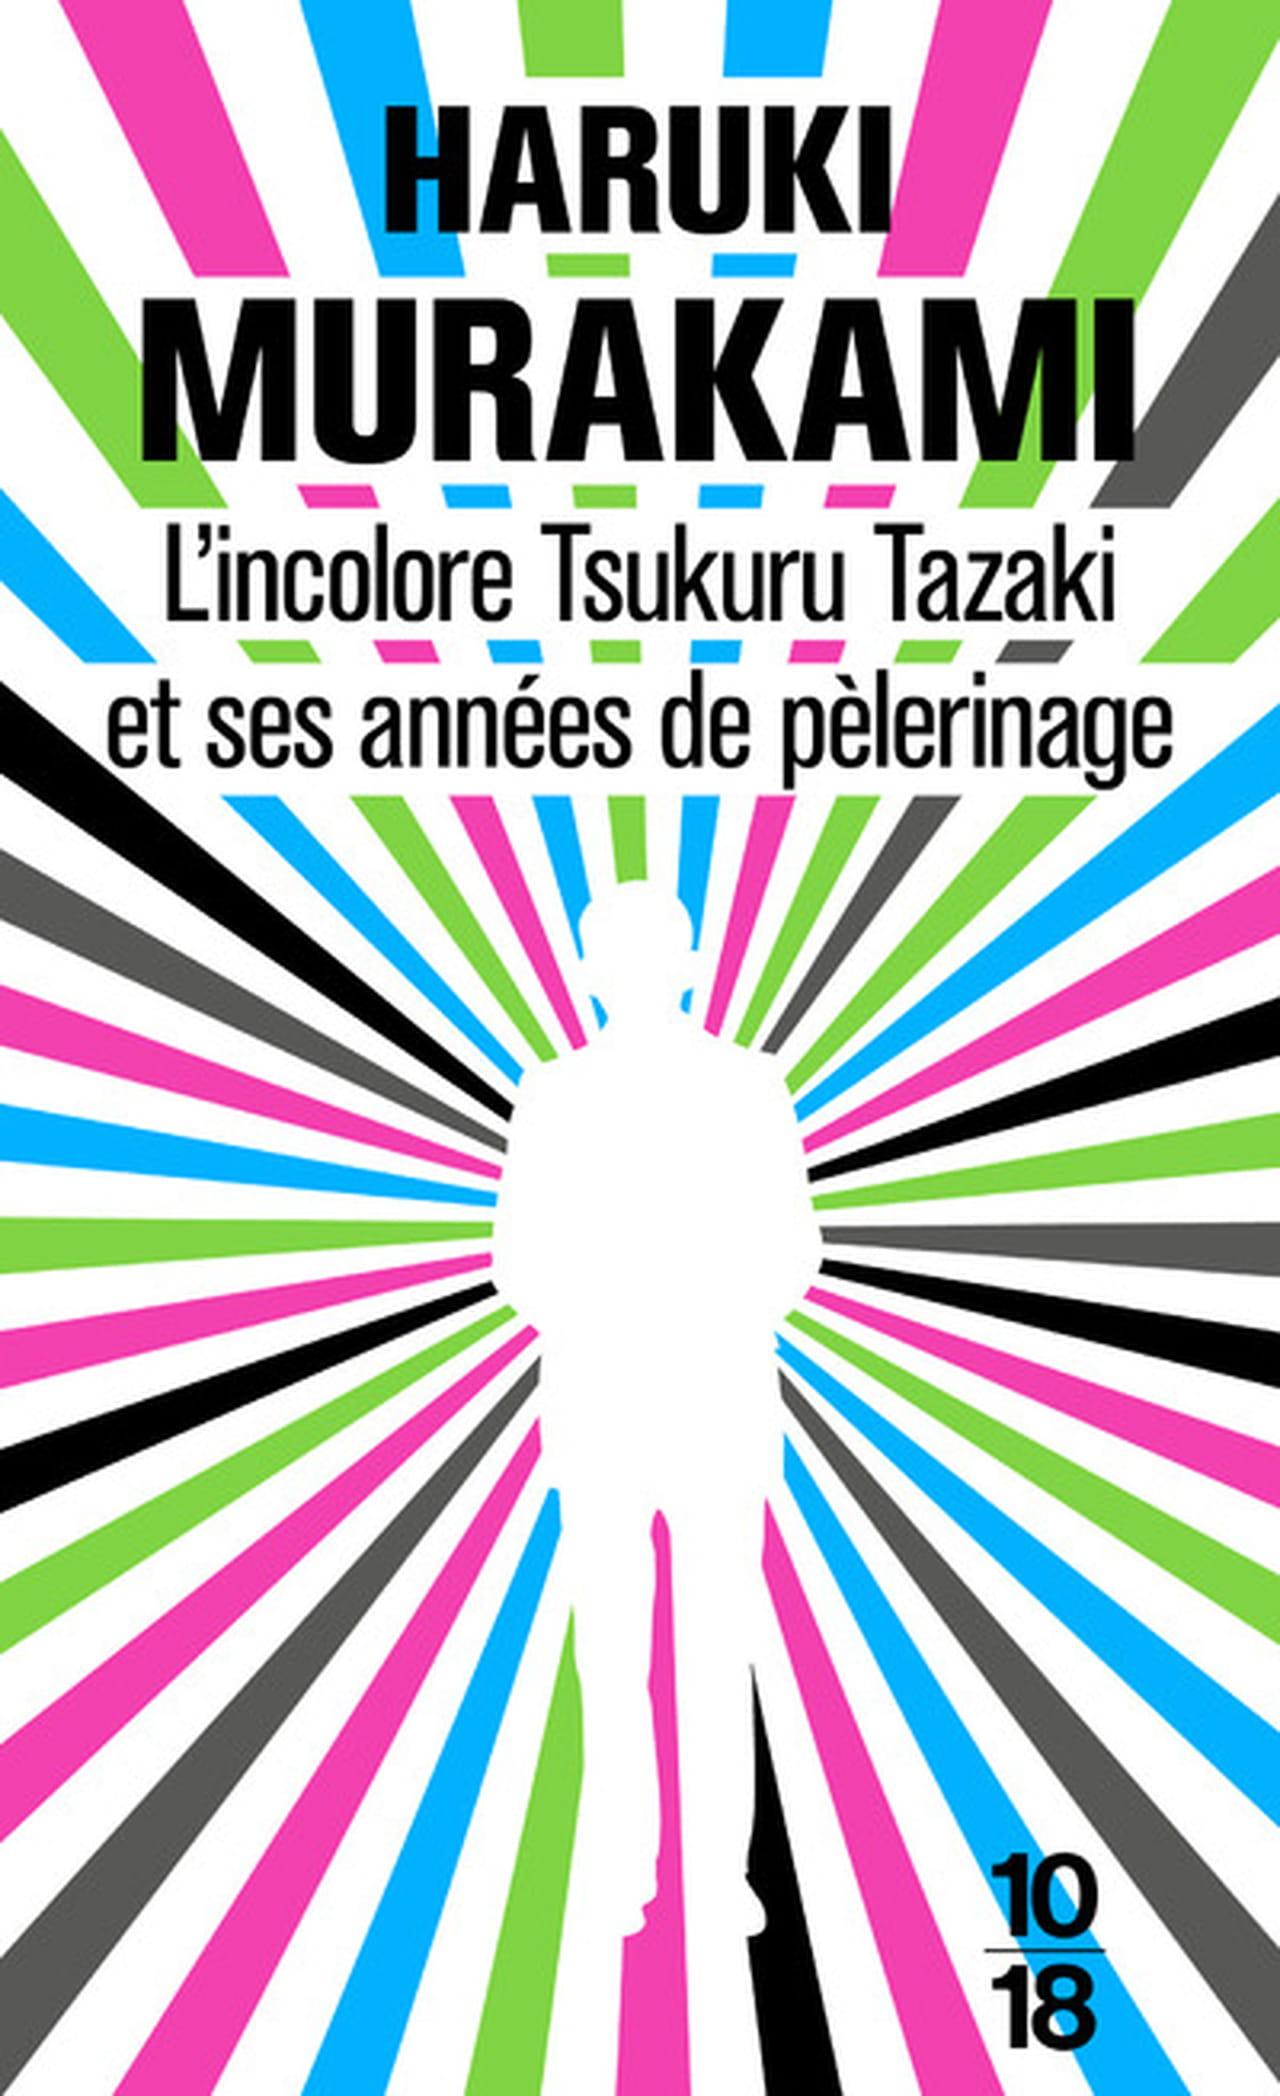 Résultats de recherche d'images pour «l'incolore tsukuru tazaki et ses années de pèlerinage»